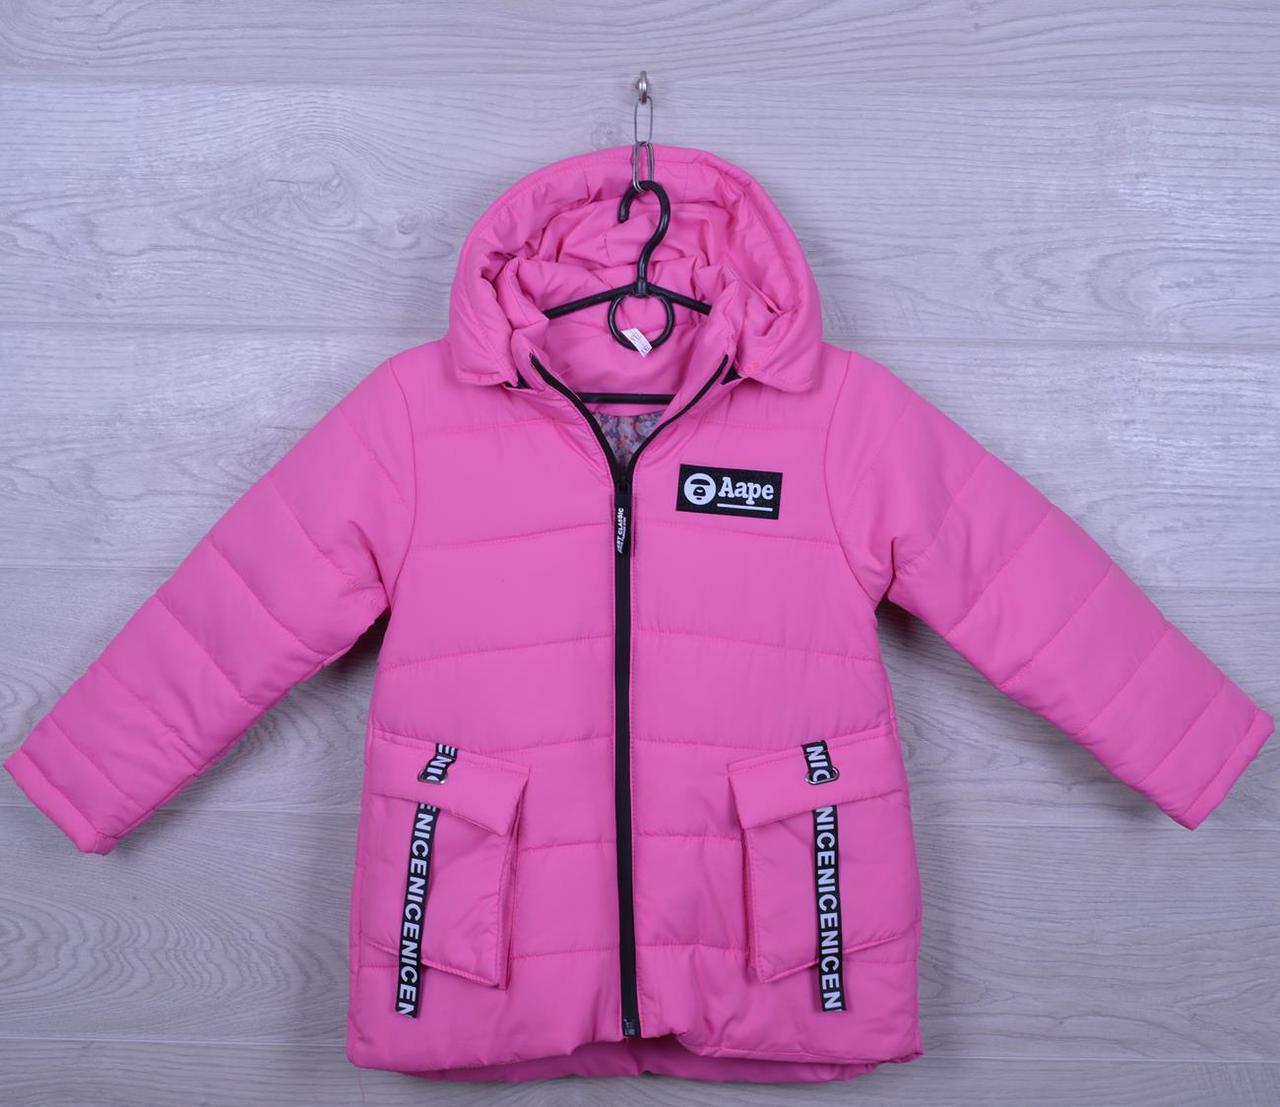 """Куртка детская демисезонная """"AaPe"""" для девочек. 5-9 лет. Розовая. Оптом."""